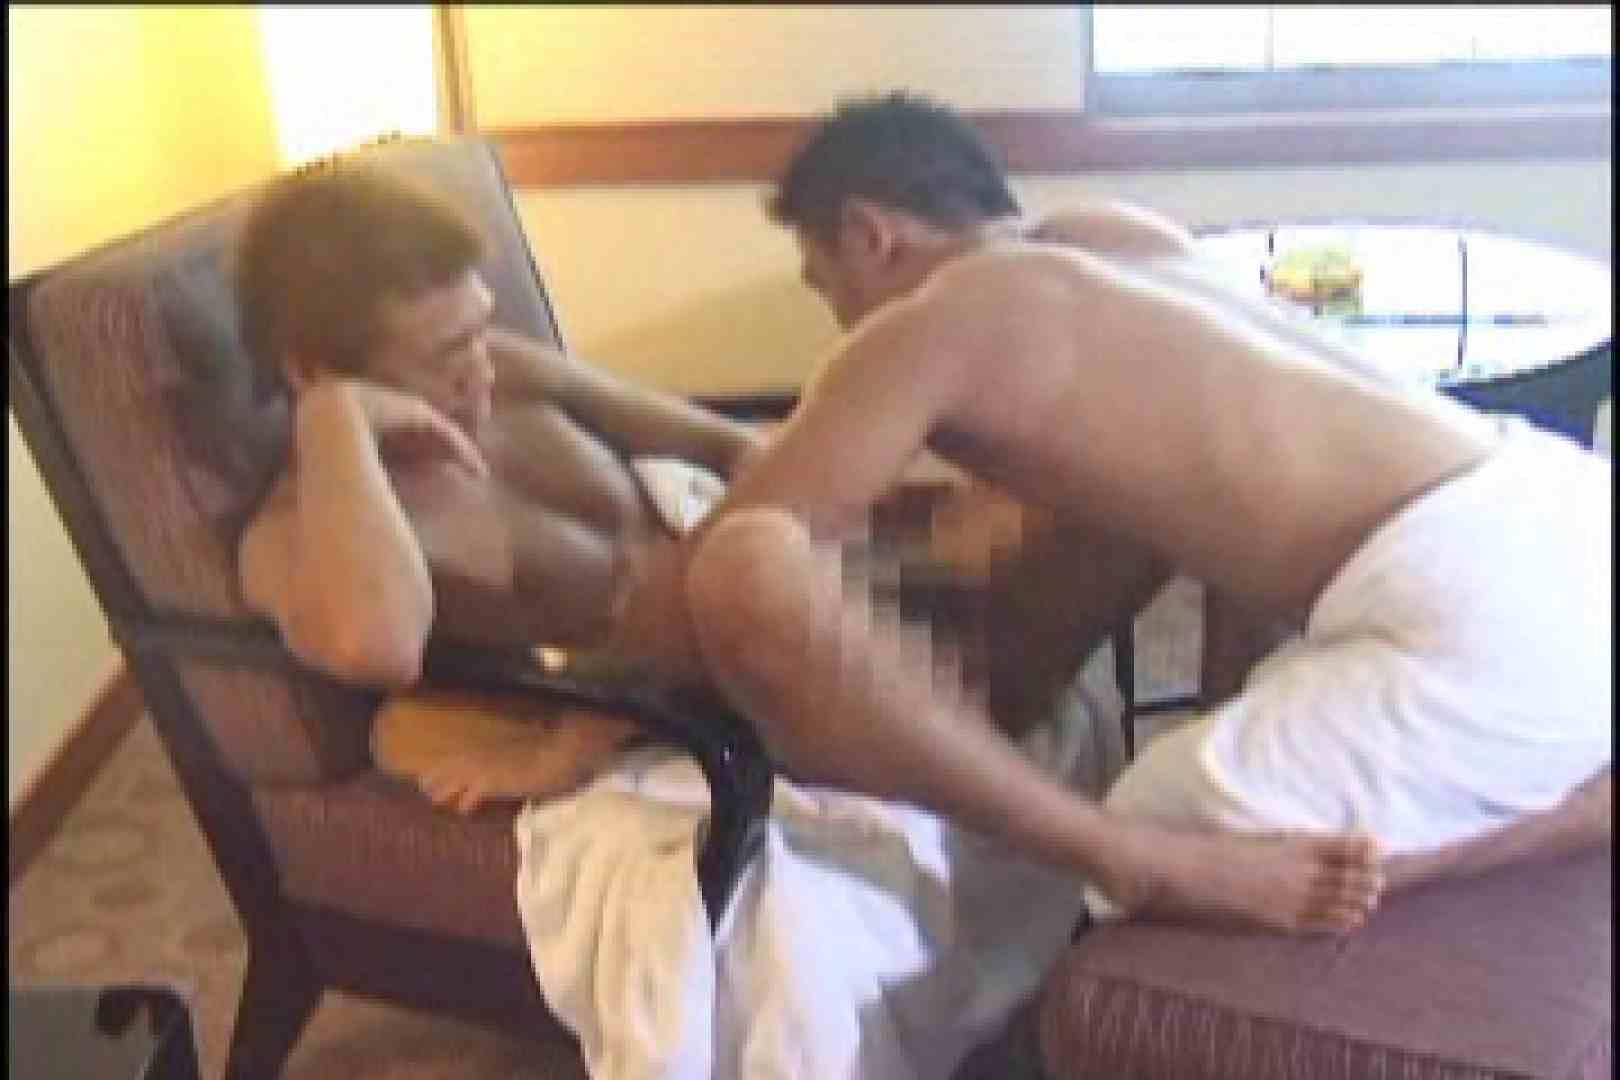 光り輝く男たちのロマンシングメモリー!!vol.09 オナニー ゲイアダルトビデオ画像 79pic 48